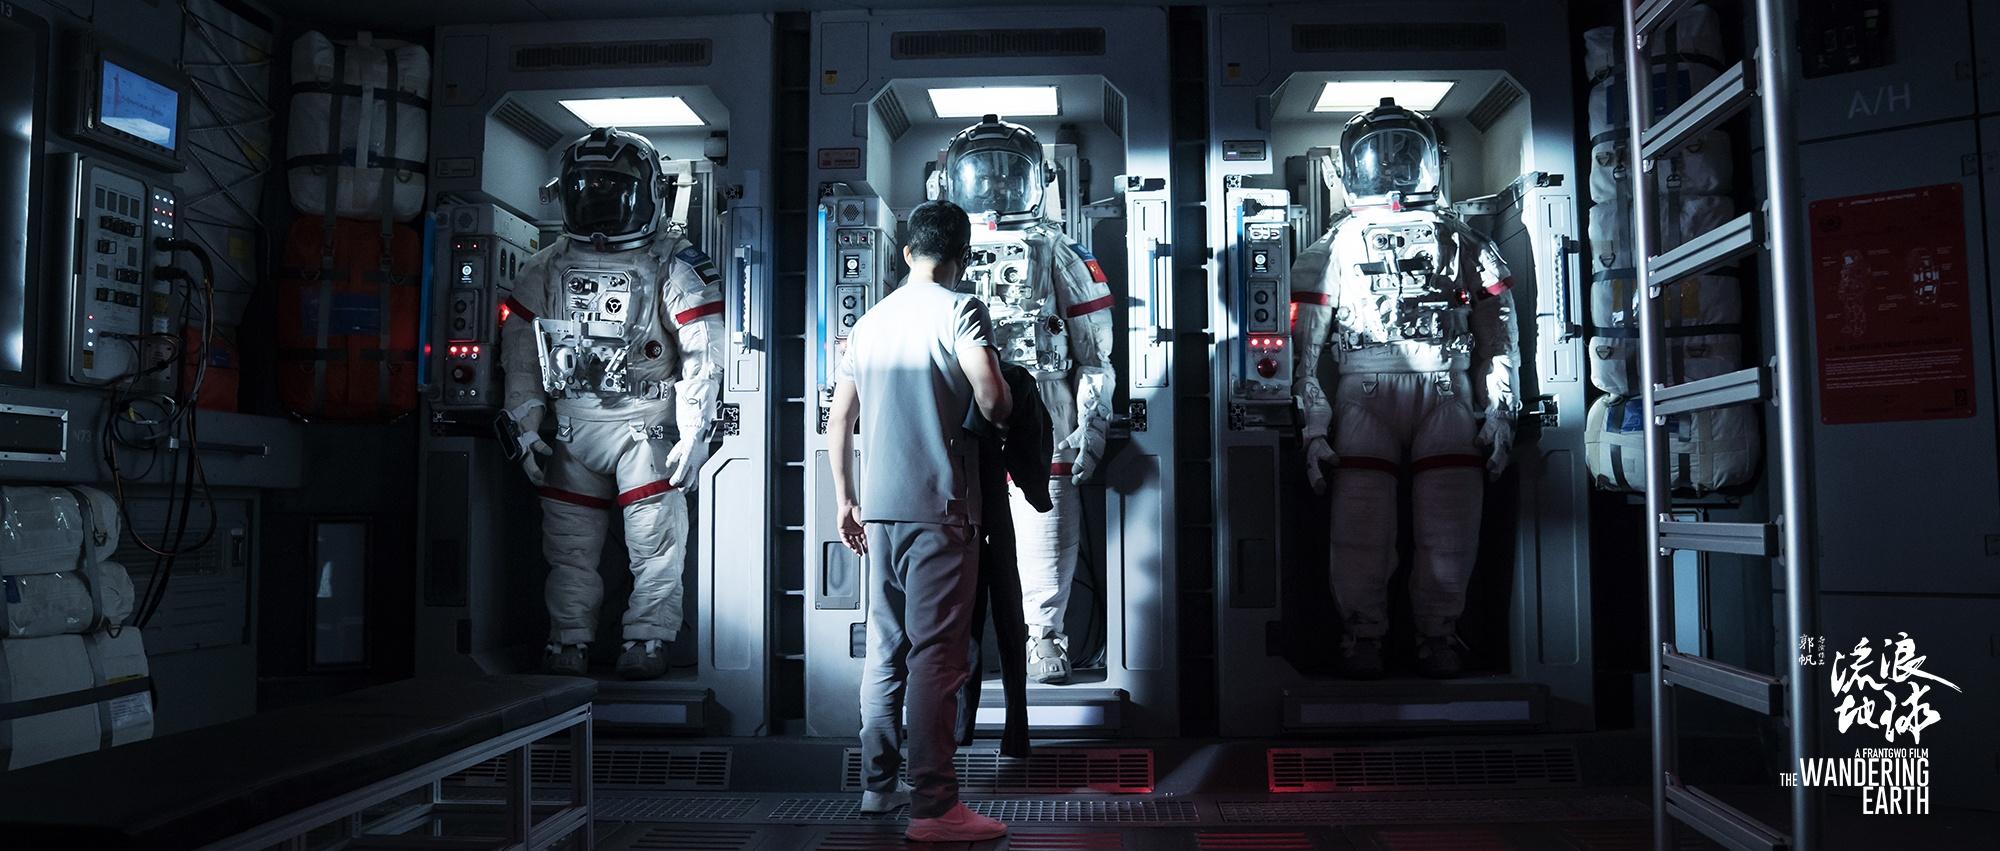 """流浪地球破20亿! """"中国科幻电影真的启航了"""""""